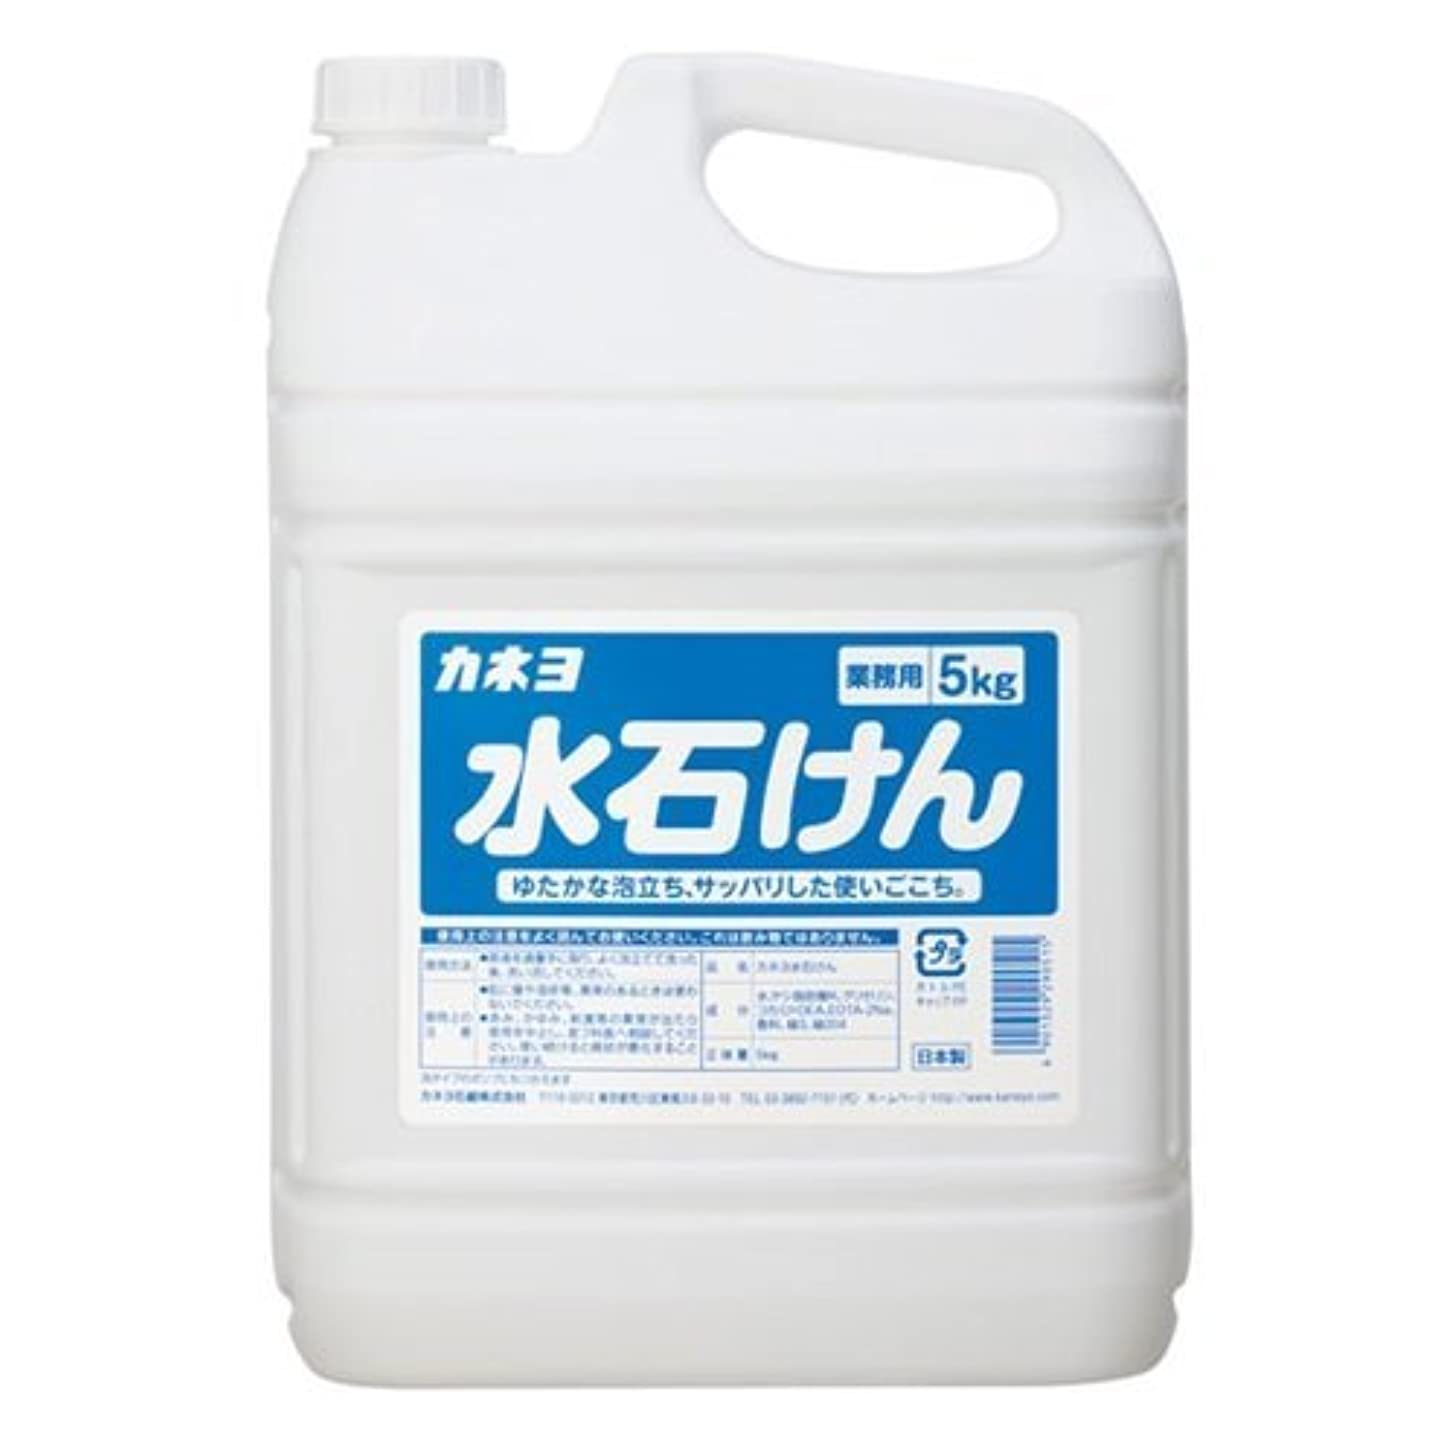 回転略語批判的【ケース販売】業務用 カネヨ水石けん 5㎏×3本